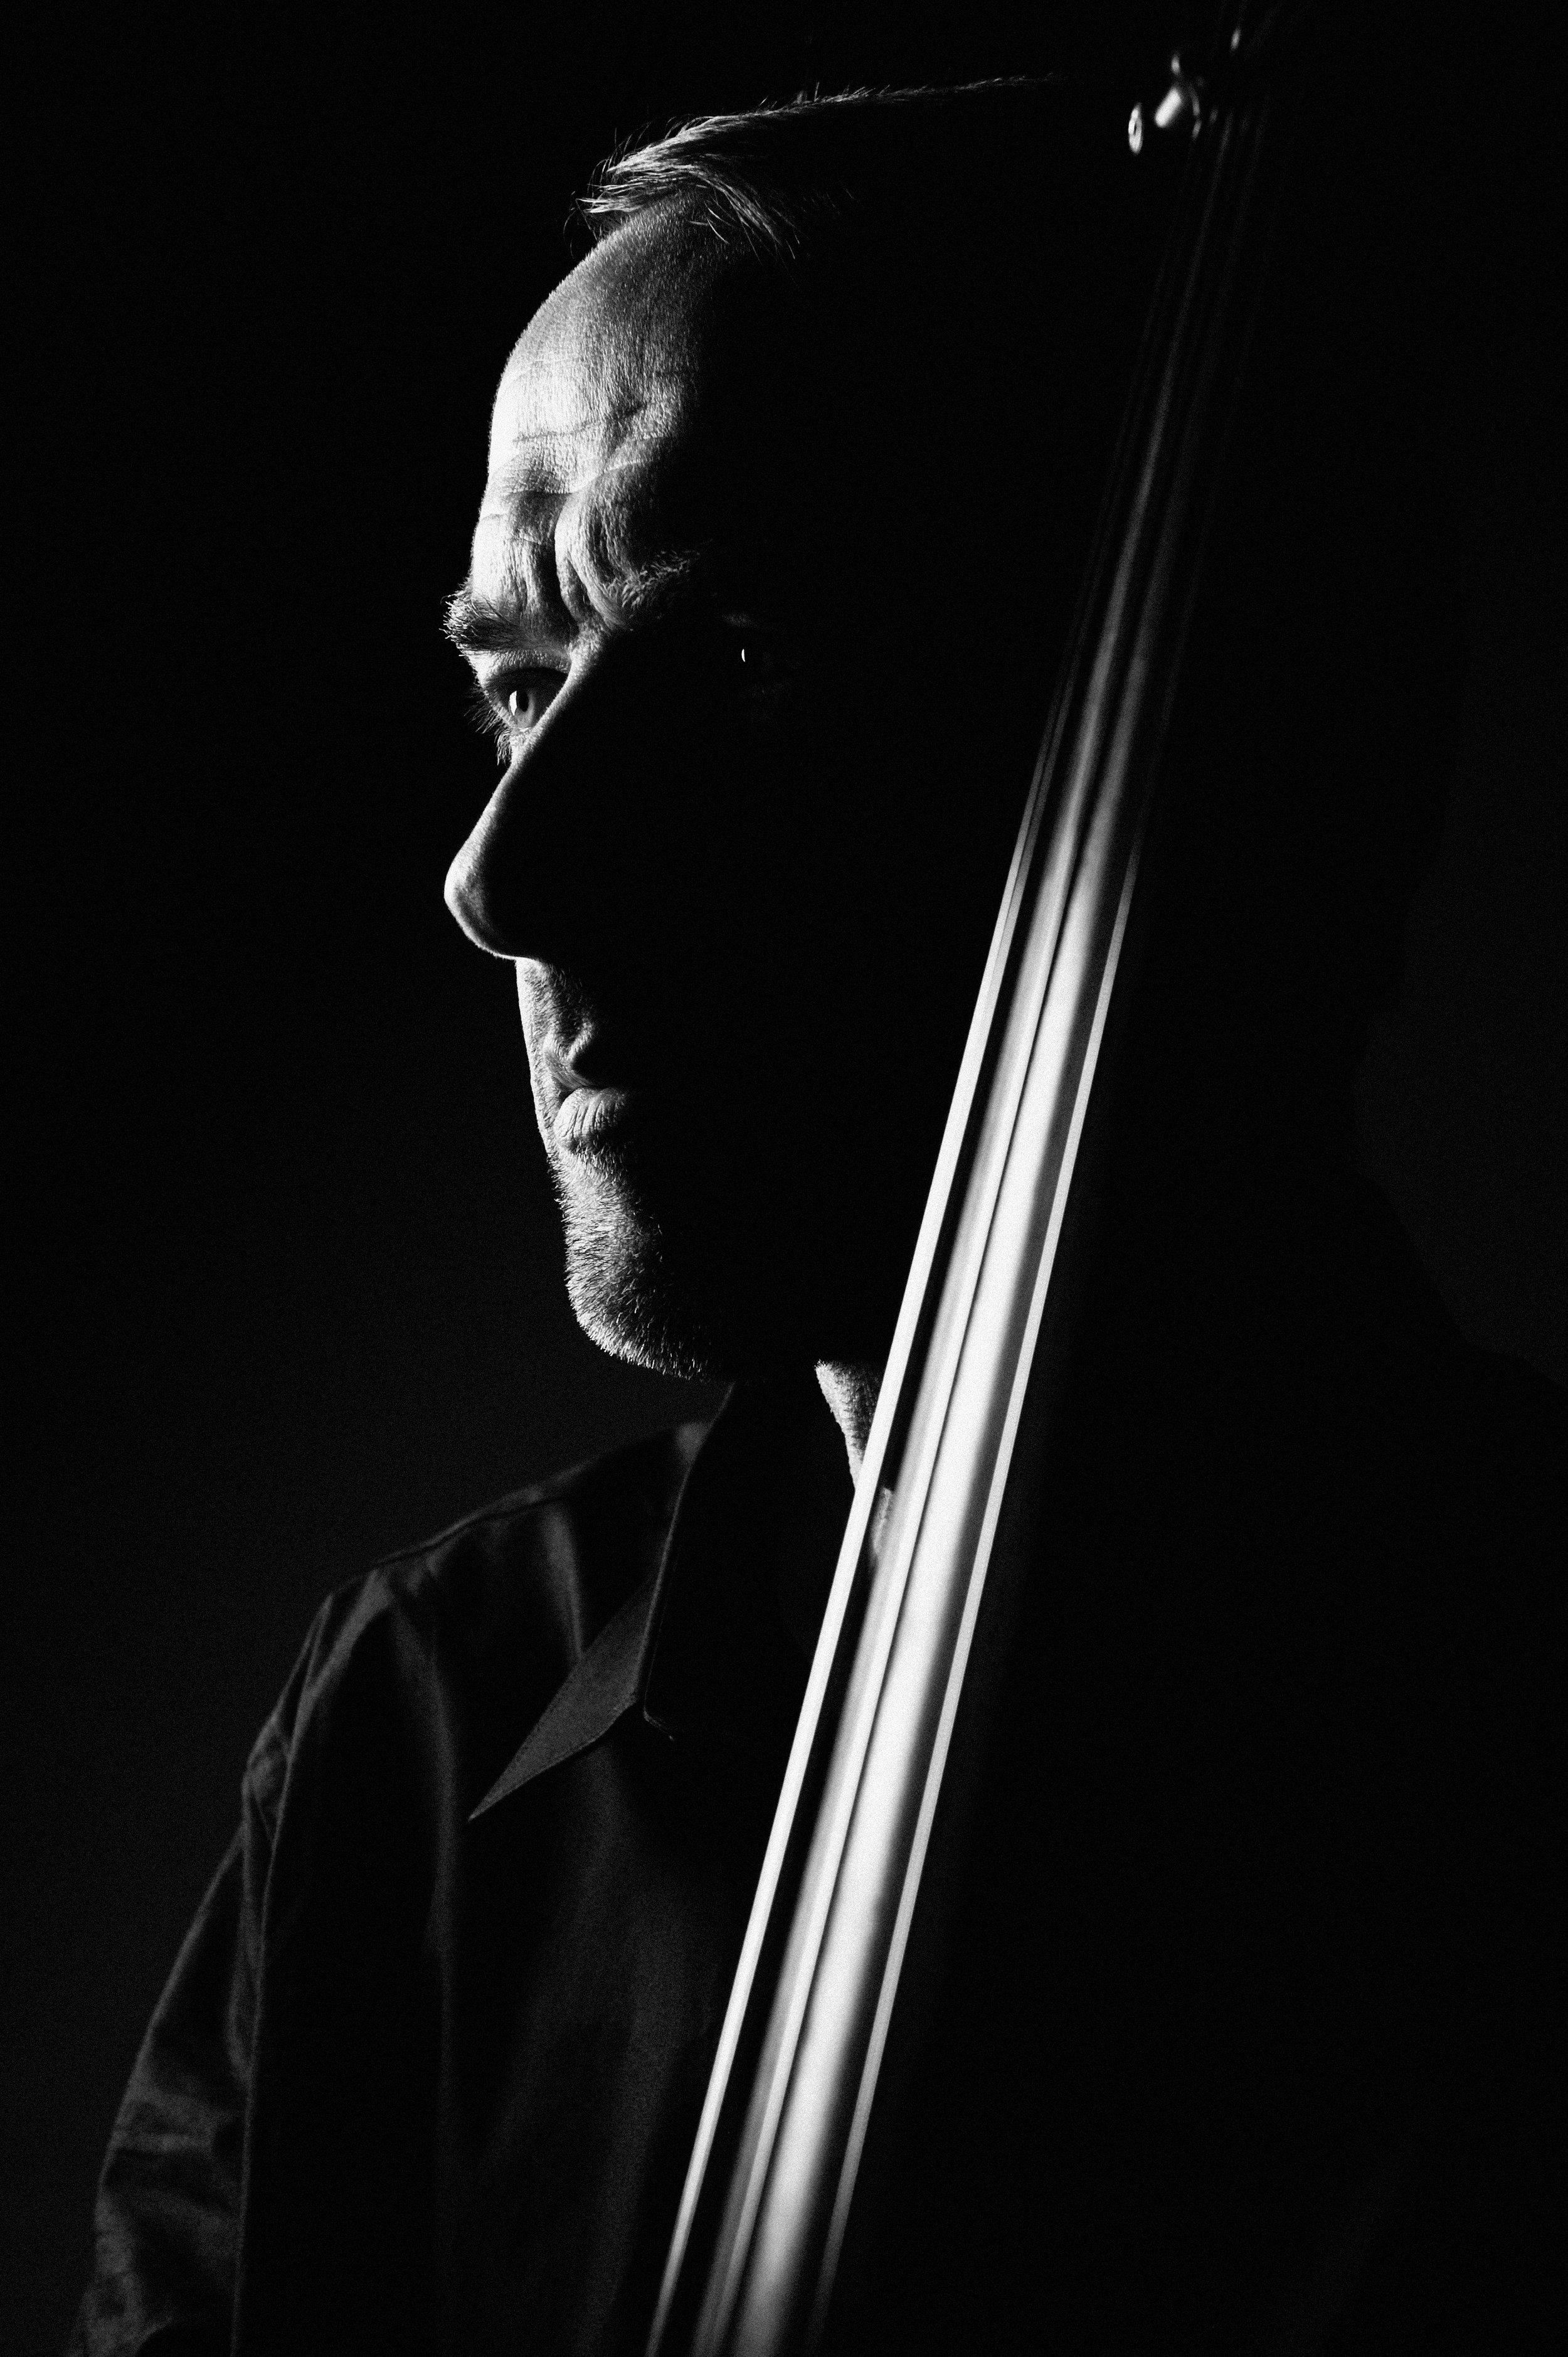 Chris Ablett